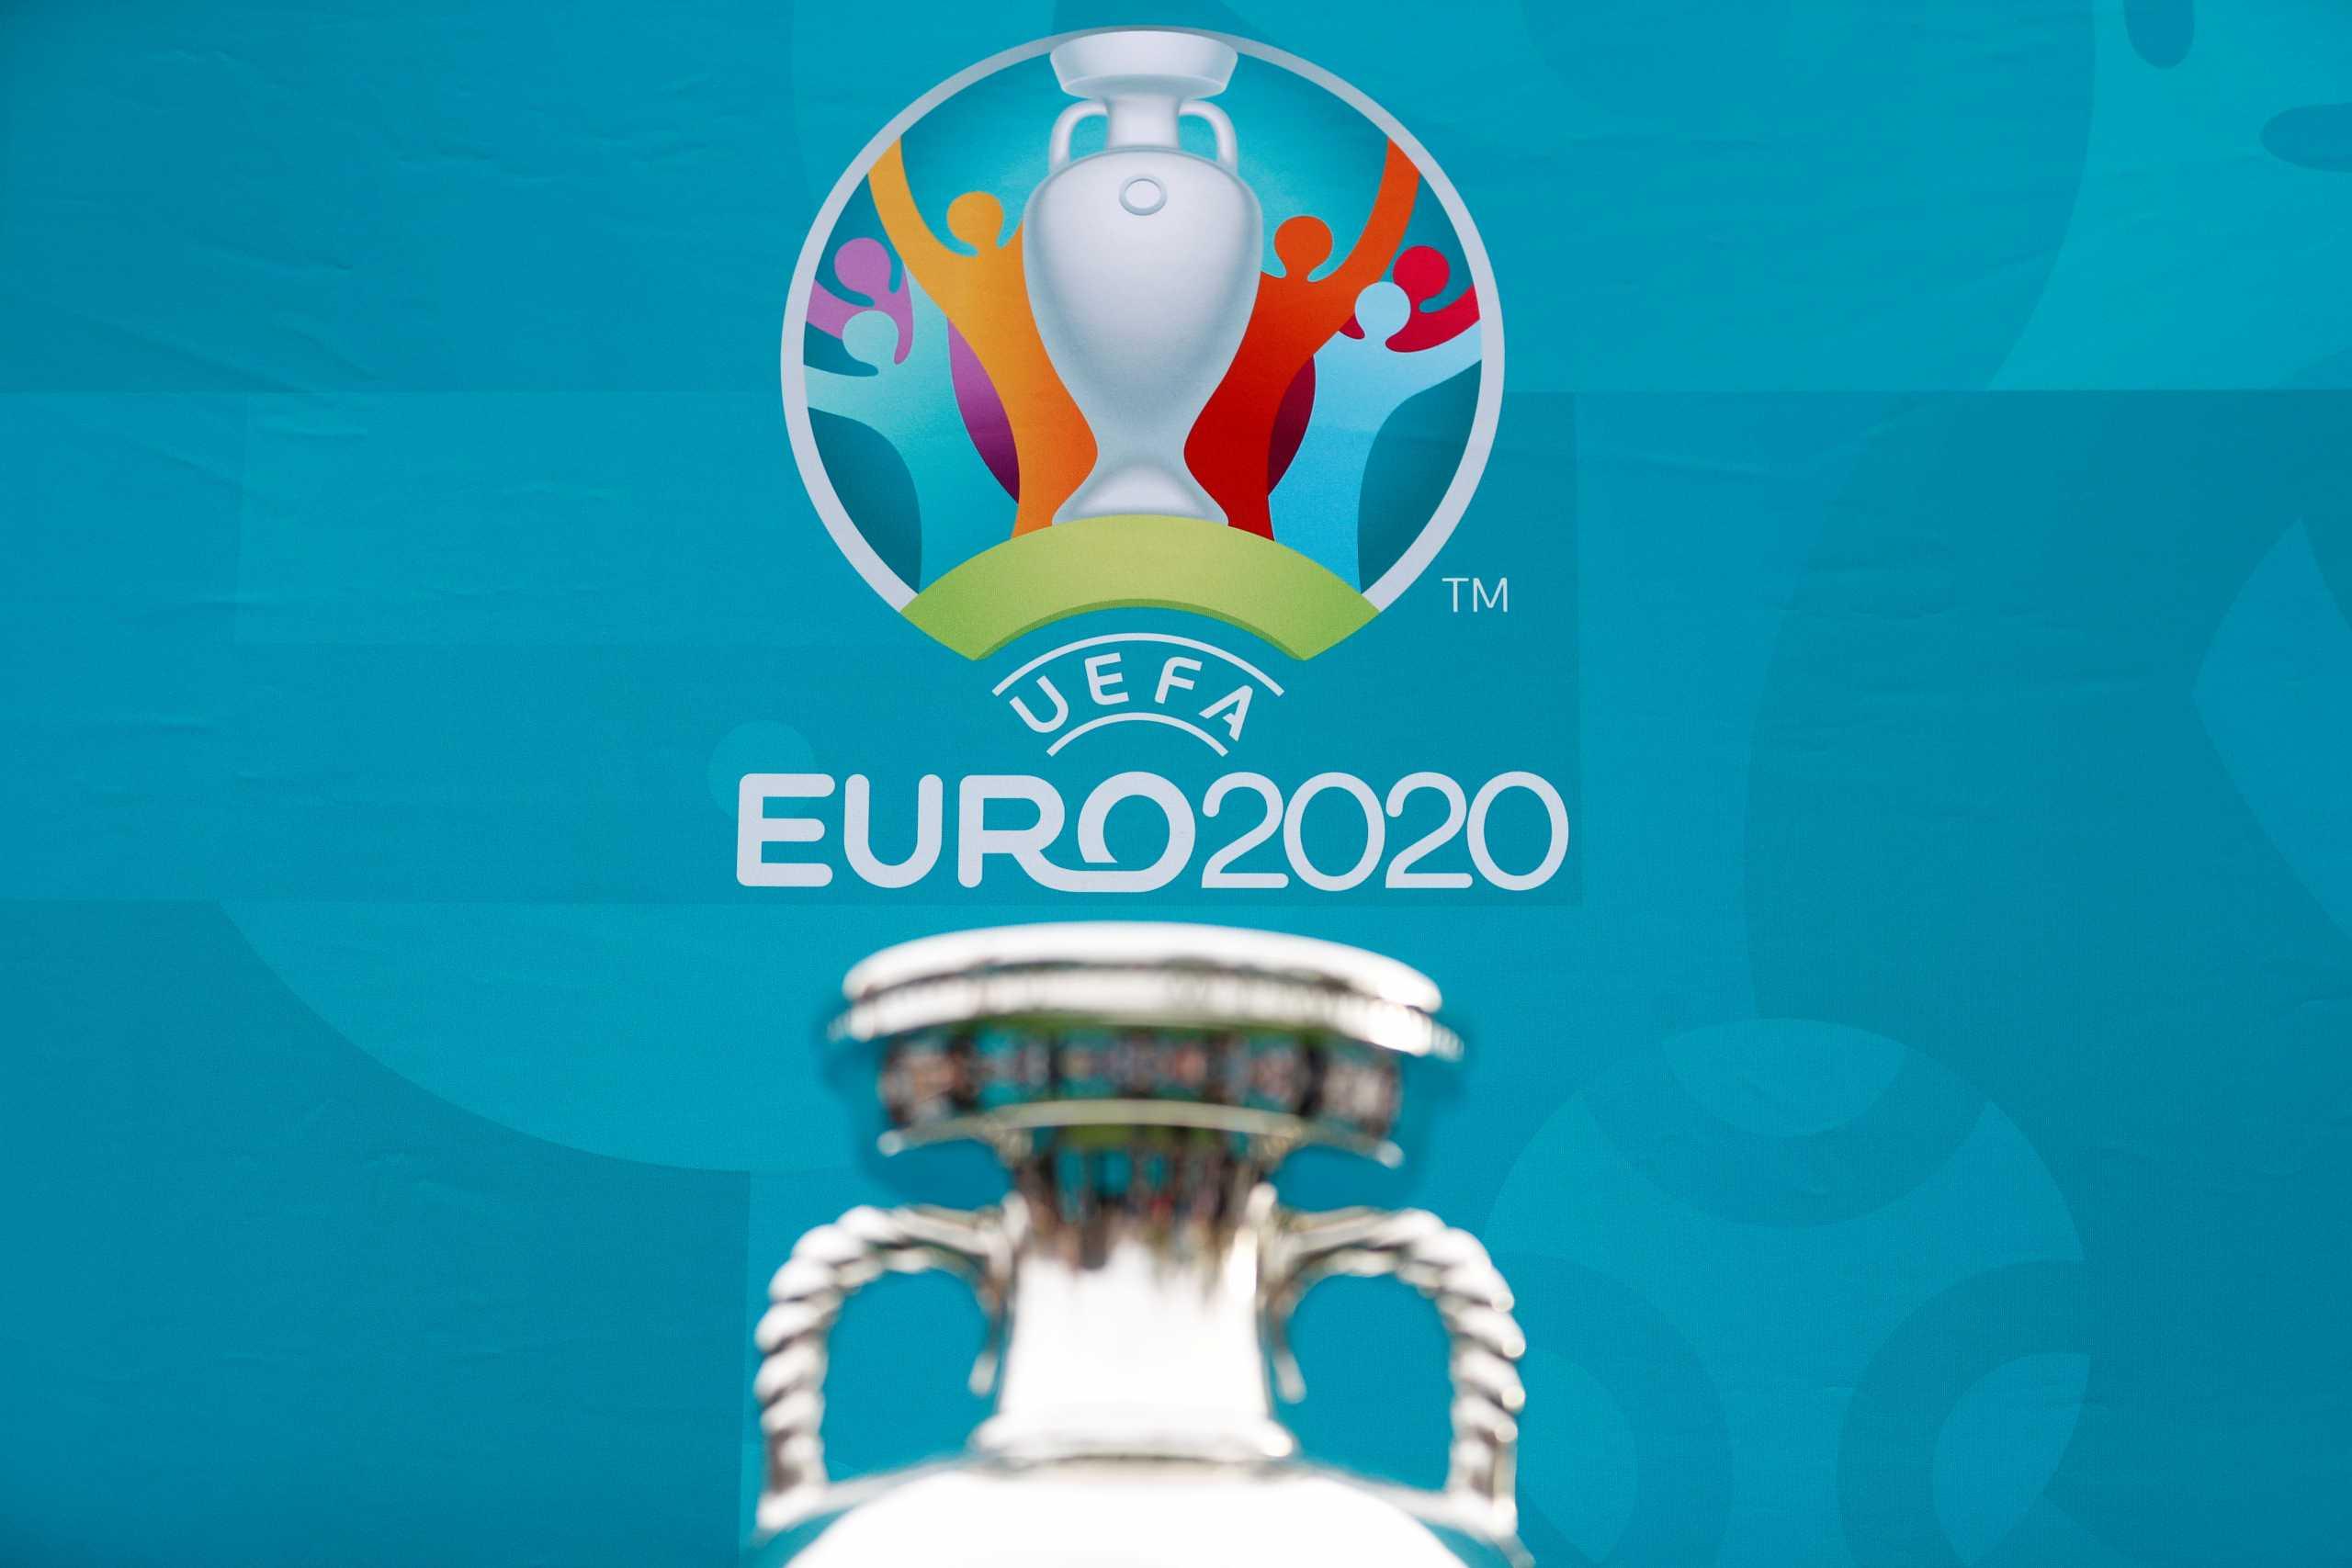 Με τέσσερα παιχνίδια για το Euro 2020 οι αθλητικές μεταδόσεις της ημέρας (21/6)